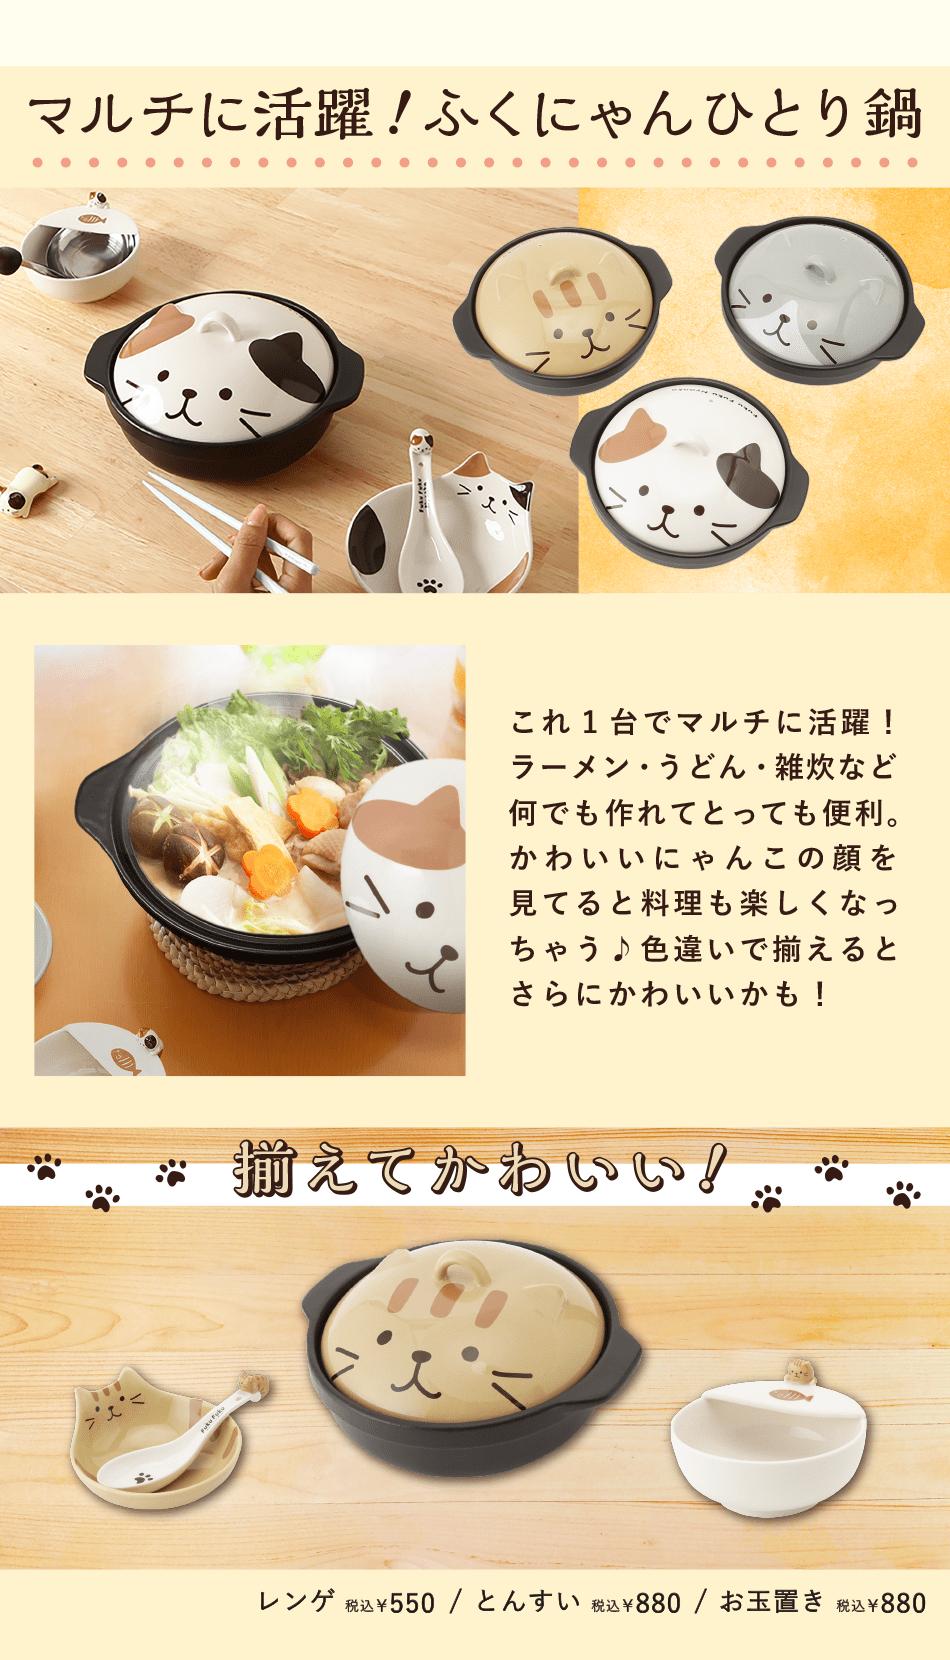 マルチに活躍!ふくにゃんひとり鍋。これ1台あれば、ラーメン・うどん・雑炊などさまざまな料理を楽しめます。ガス火・IHどちらでも使える!にゃんこのかわいい蓋で、ひとりご飯の時間もほっこり心まであたたかく。猫好きの方へのプレゼントにもおすすめです。